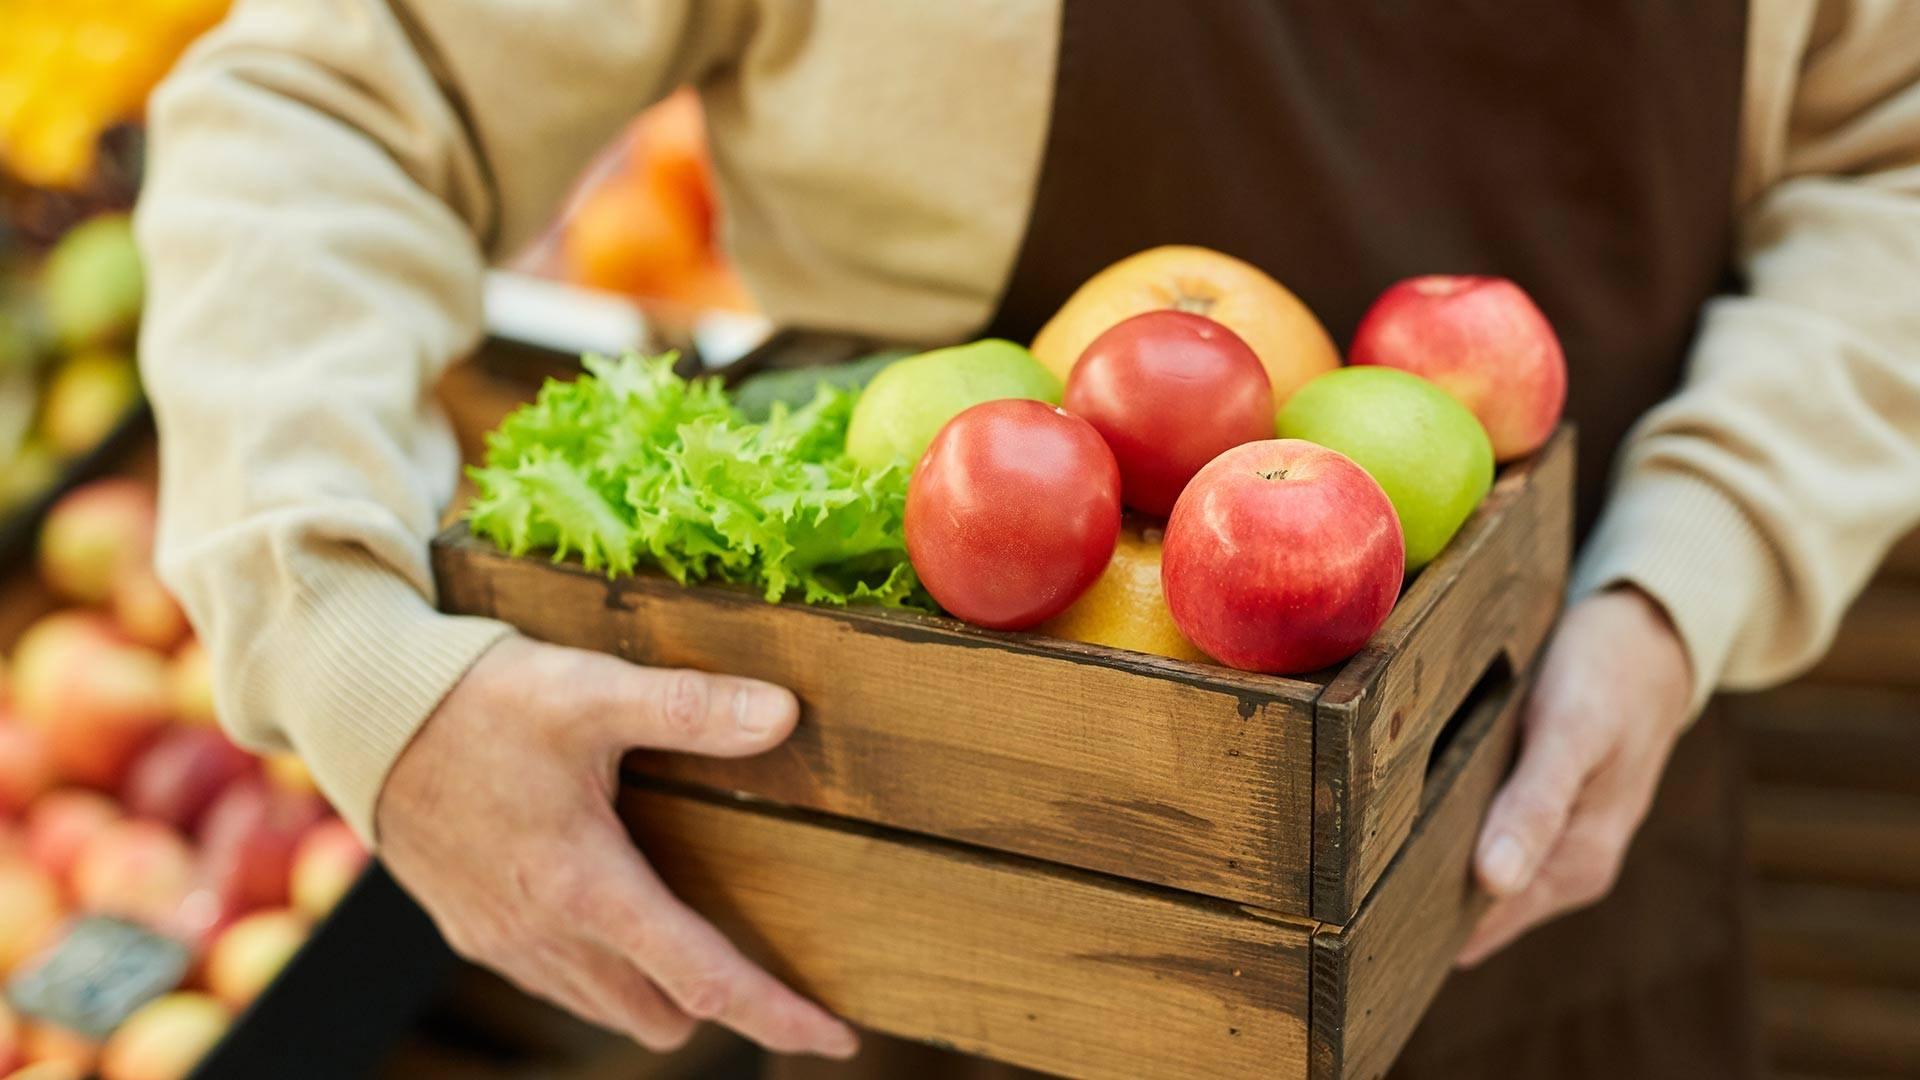 Alimentation : soutenir nos producteurs locaux | Mulhouse Alsace Agglomération – m2A